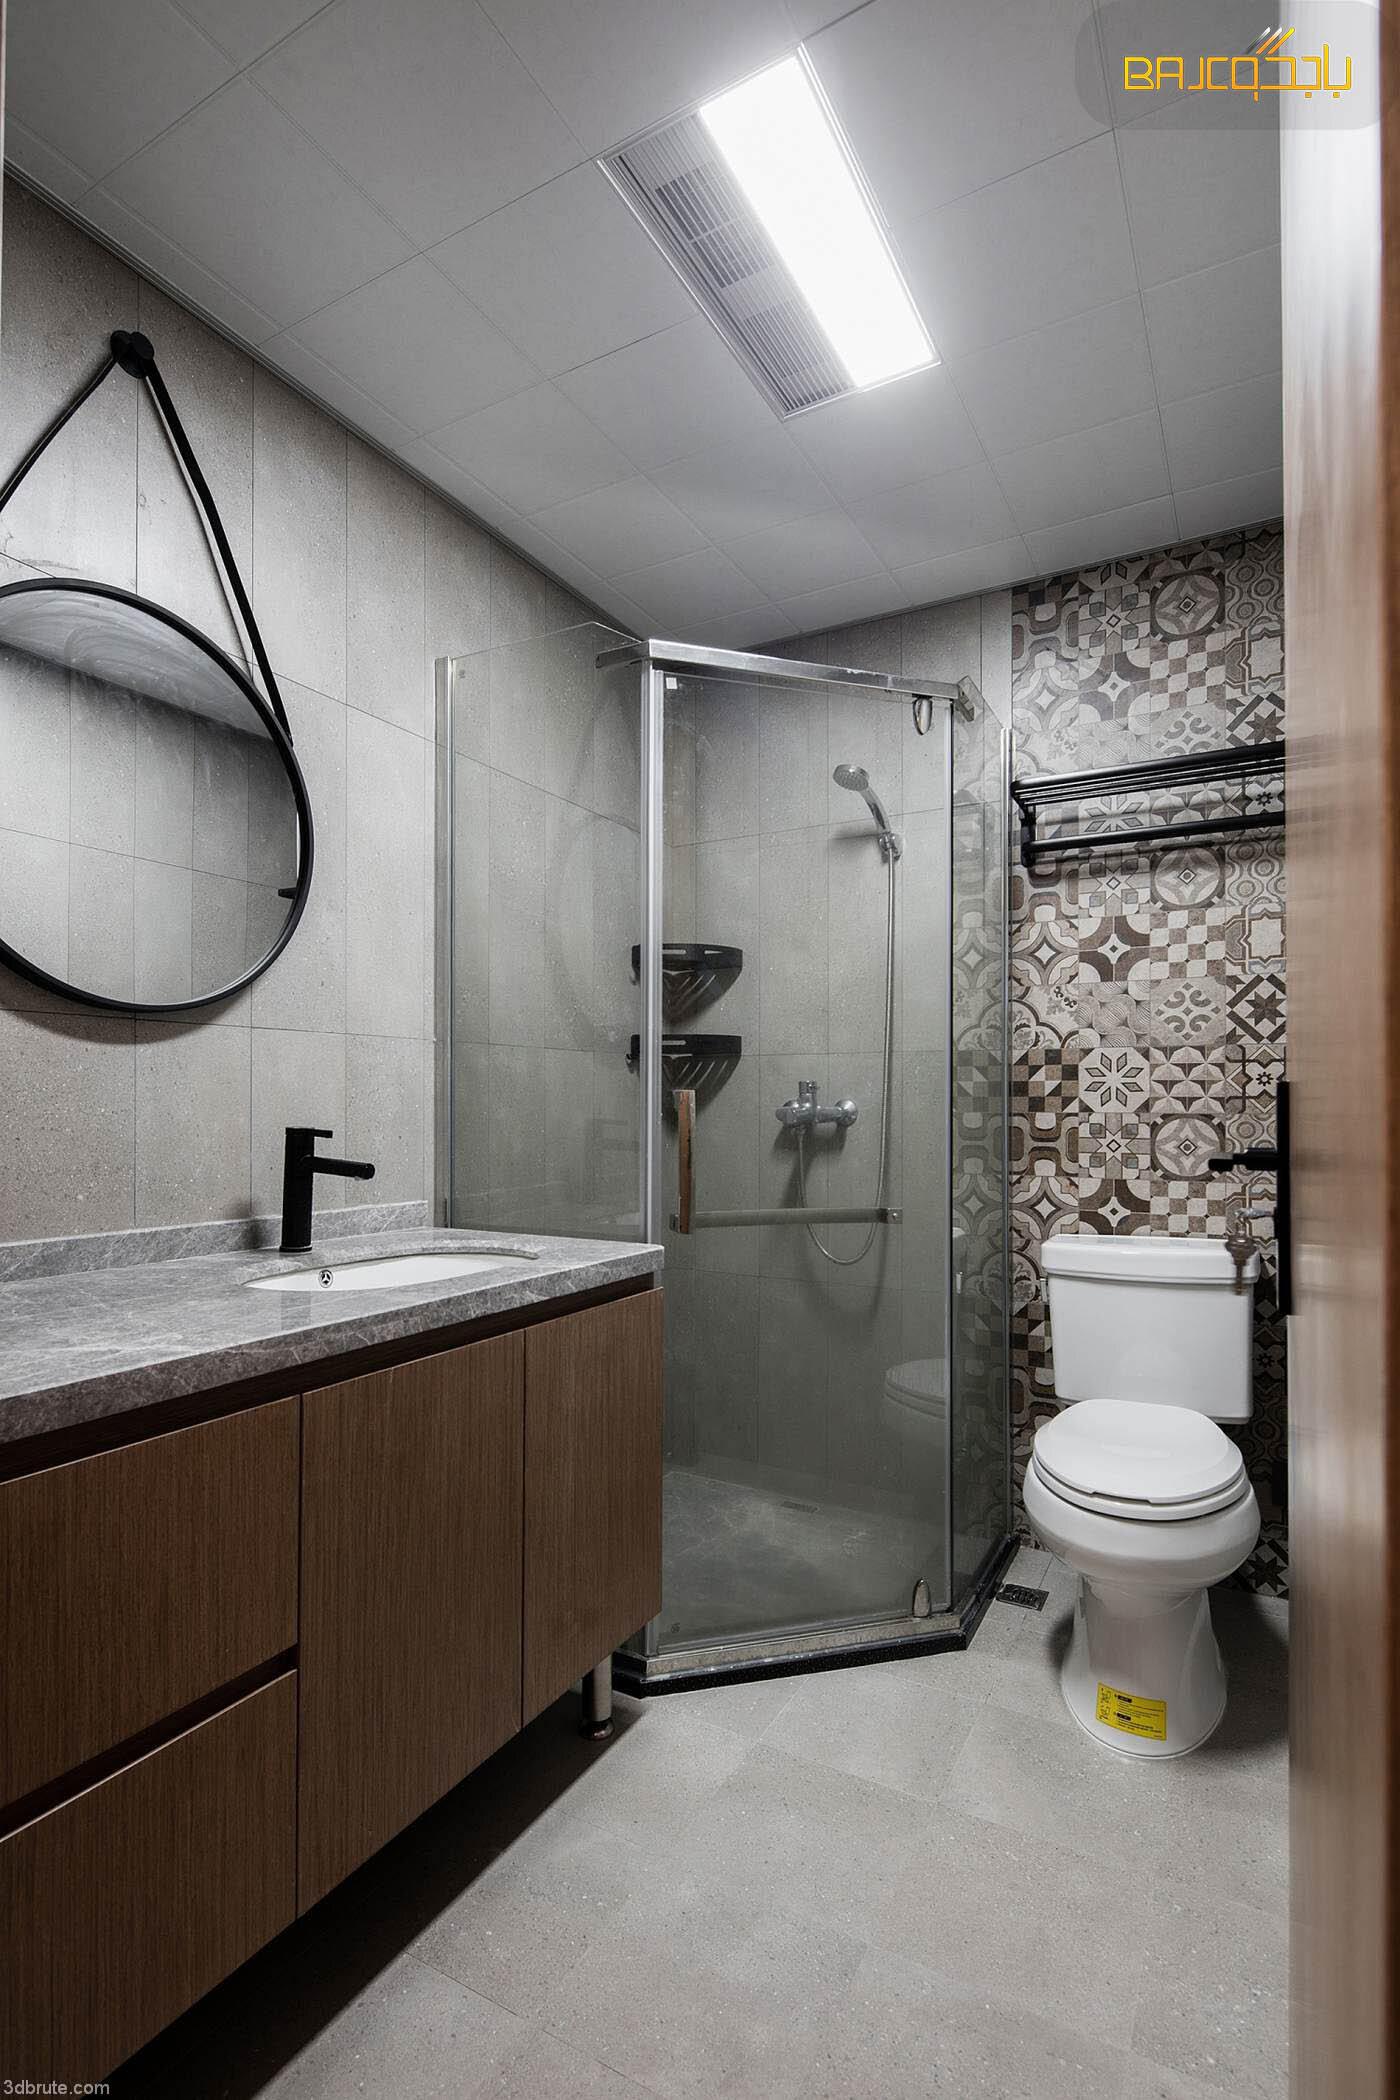 مغسلة رخام داخل الحمام مع خشب